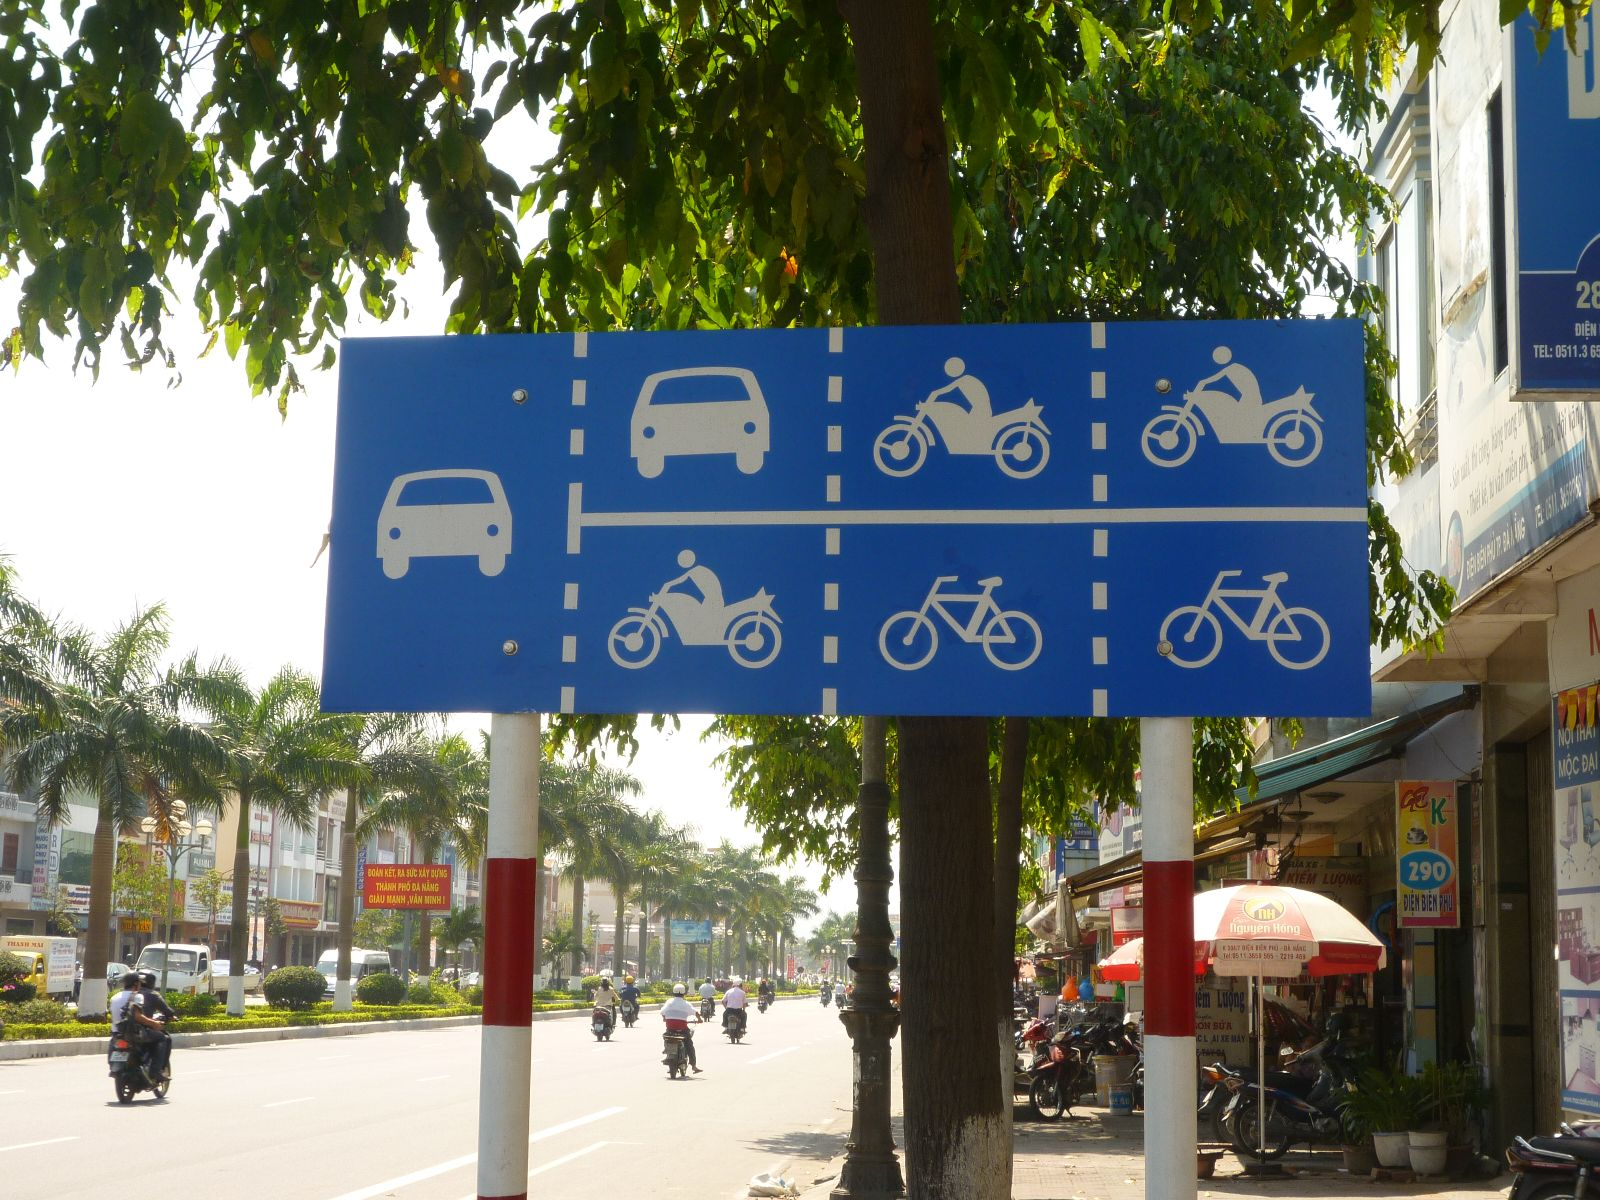 Quy định về sử dụng làn đường khi tham gia giao thông - Ảnh 1